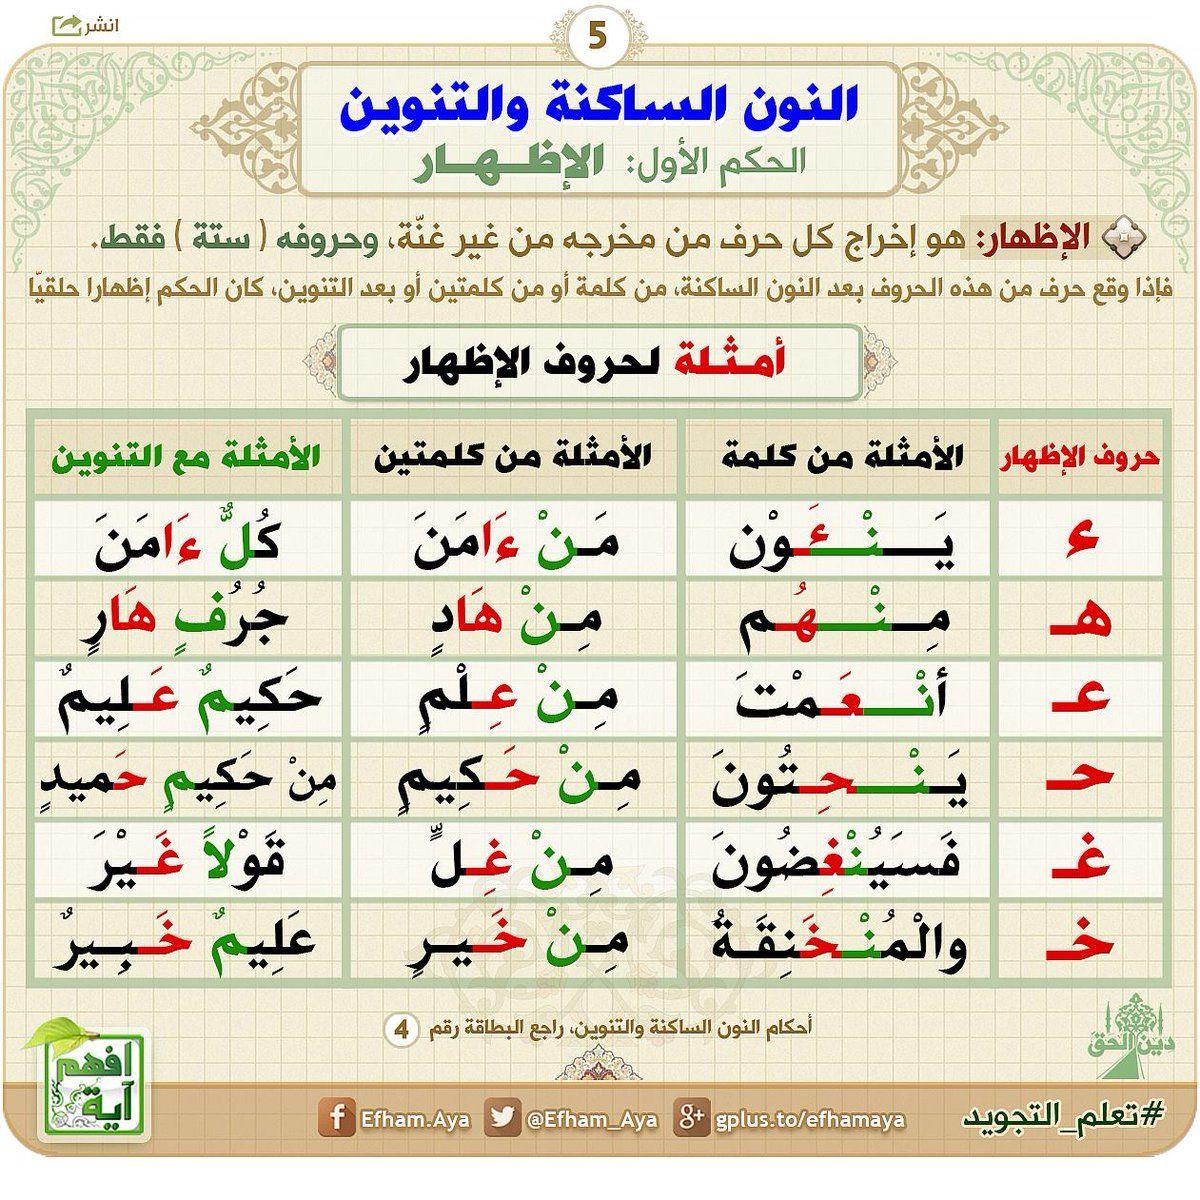 Efham Aya